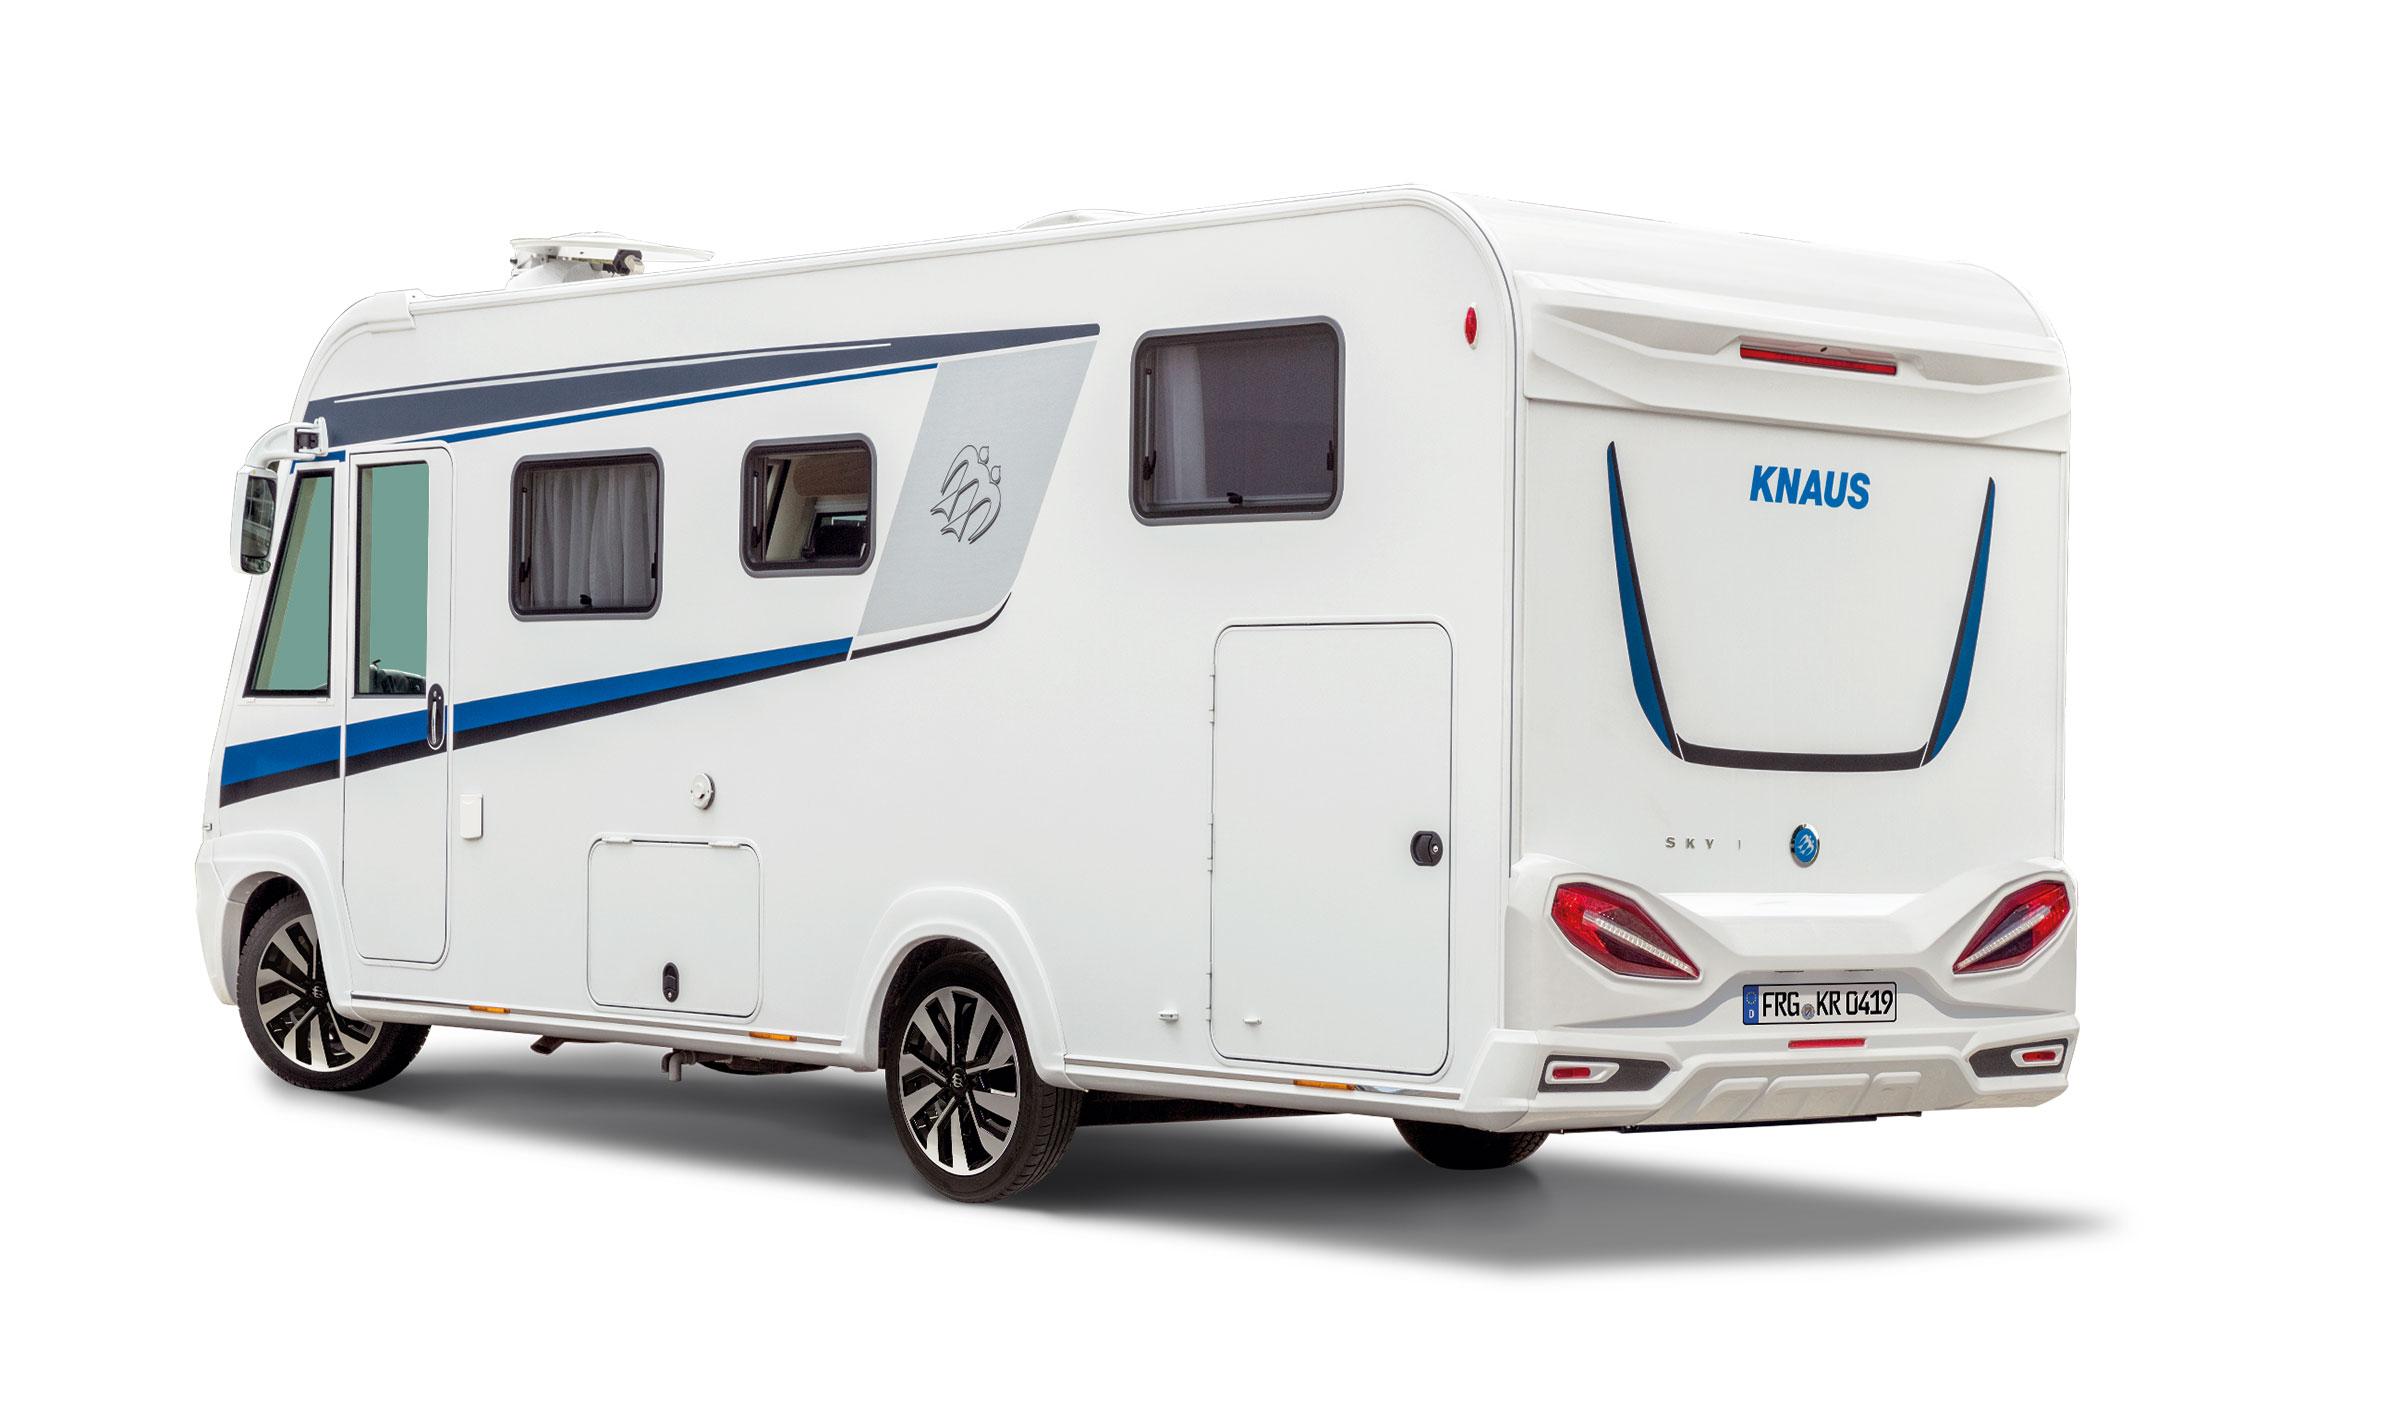 Wohnmobil Kanuss Tabbert SKY 1